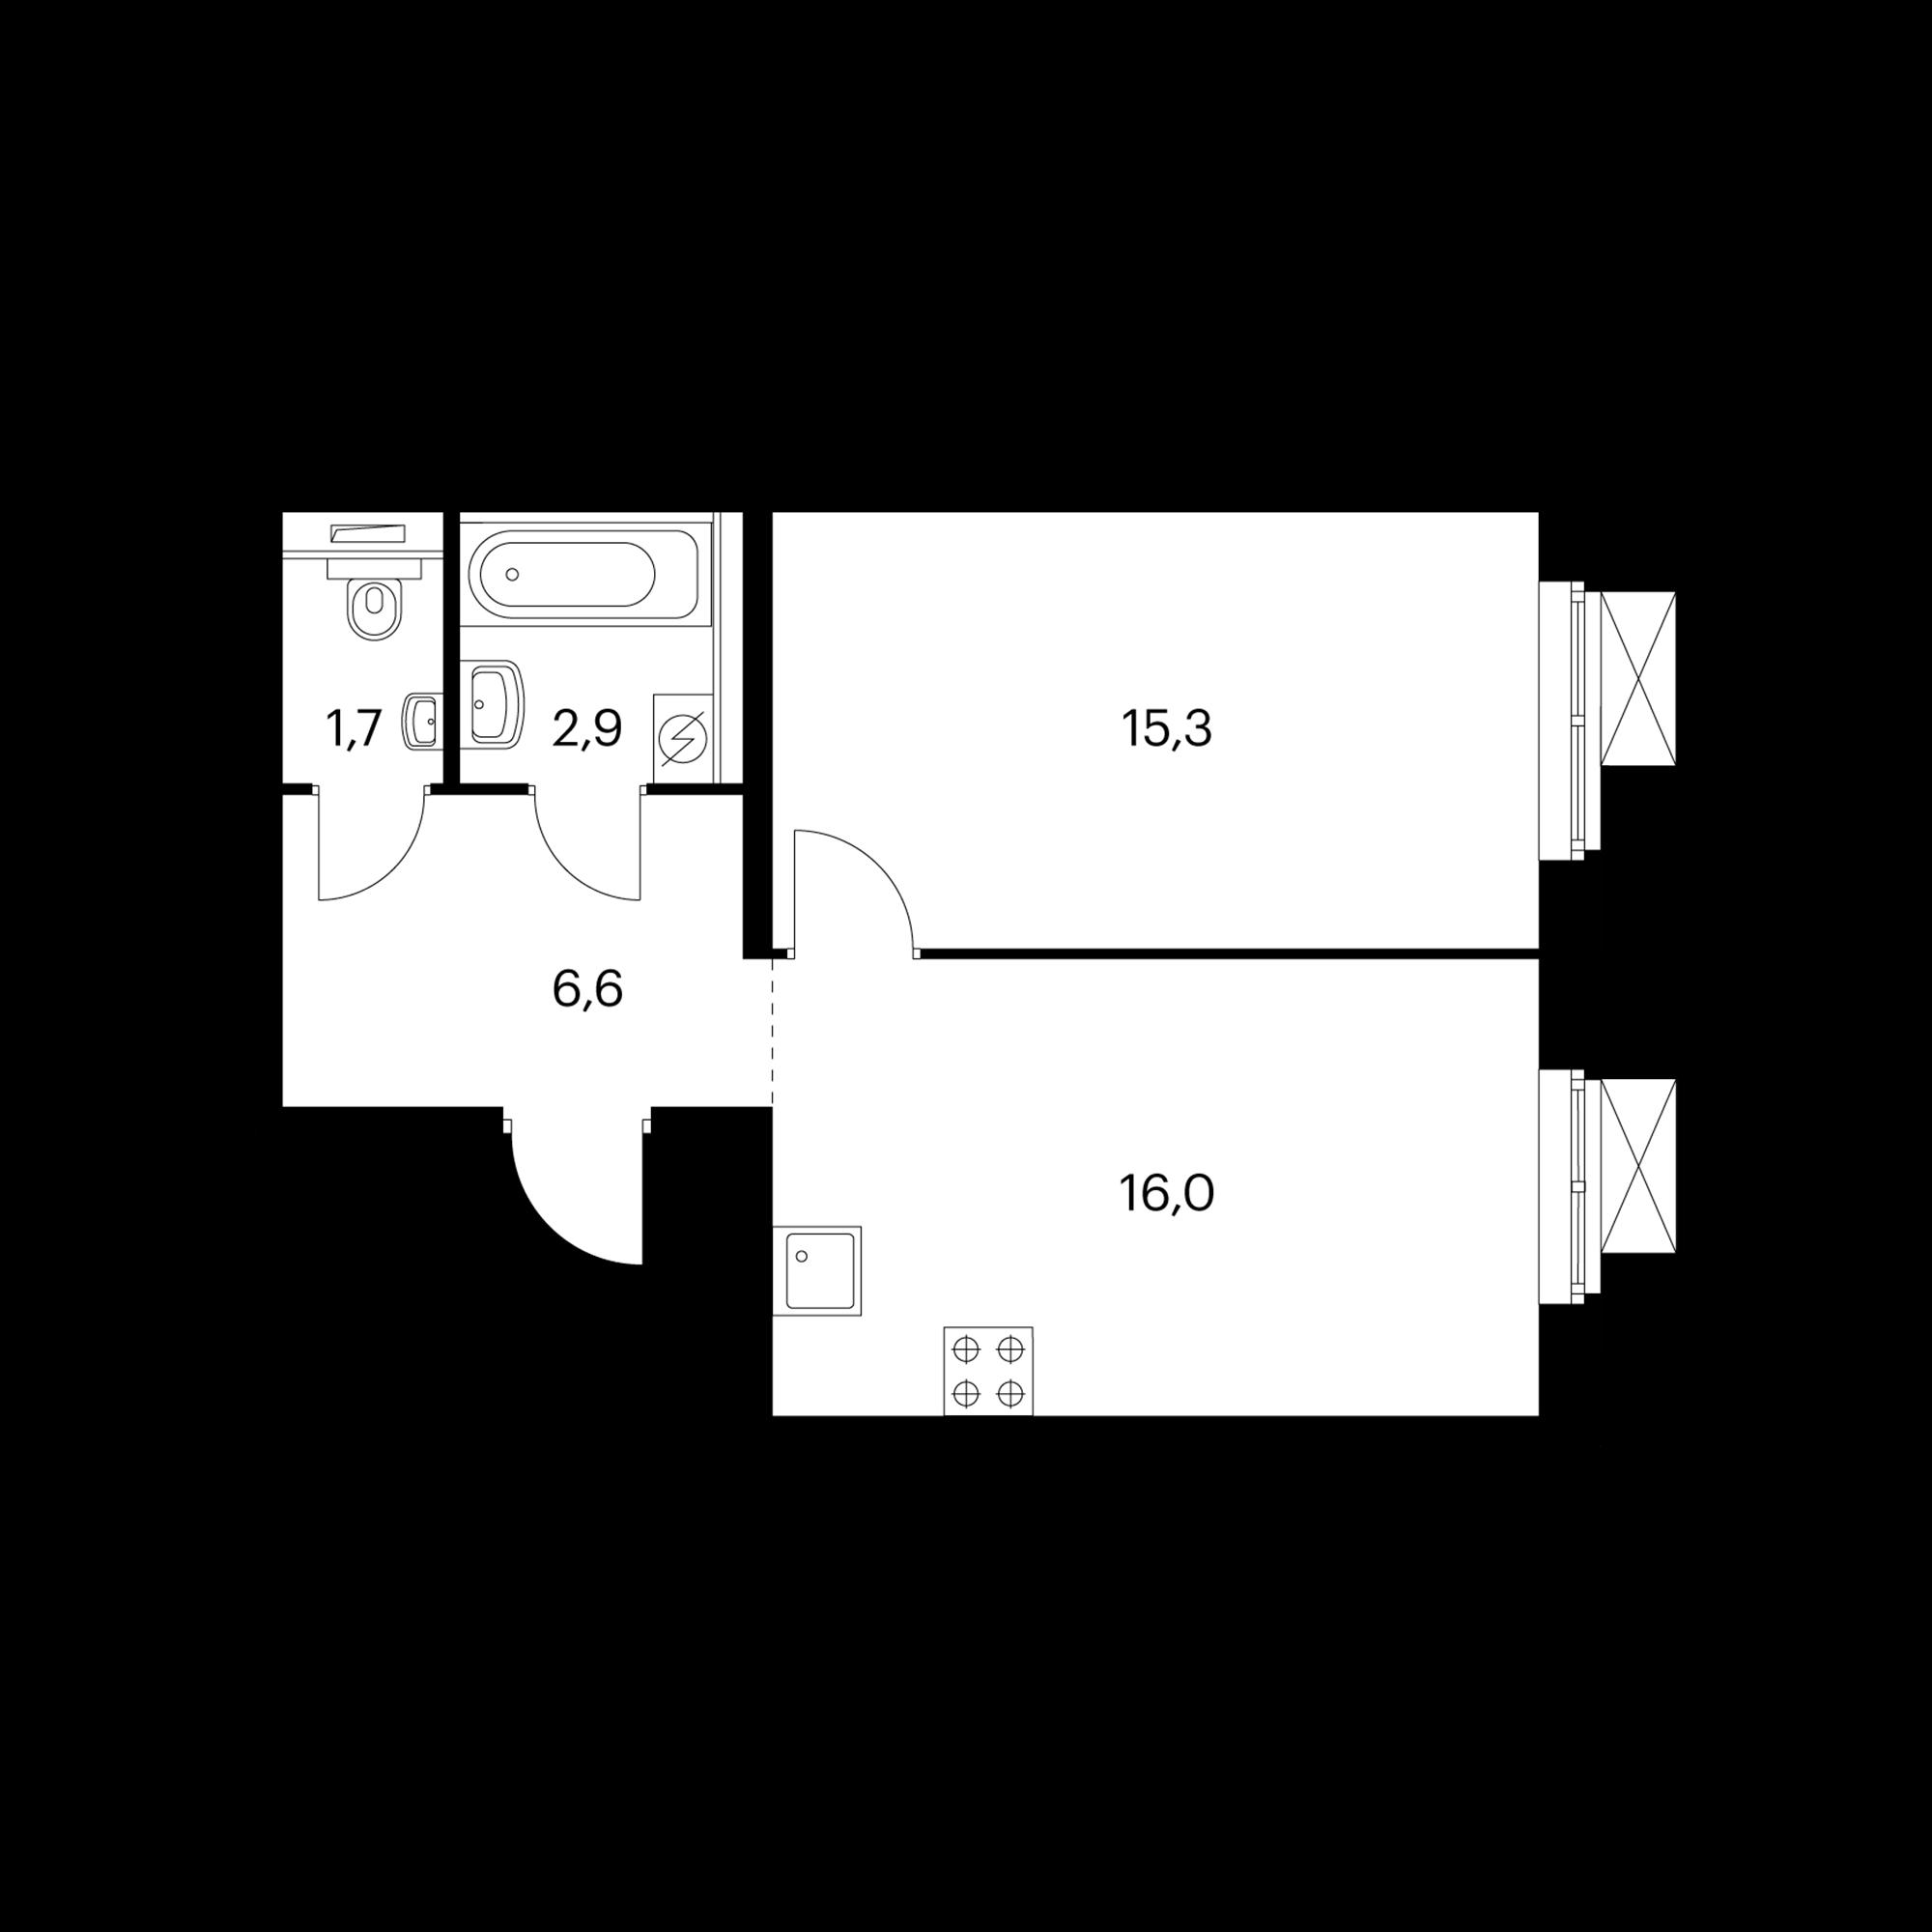 1EM21_8.7-1_S_Z